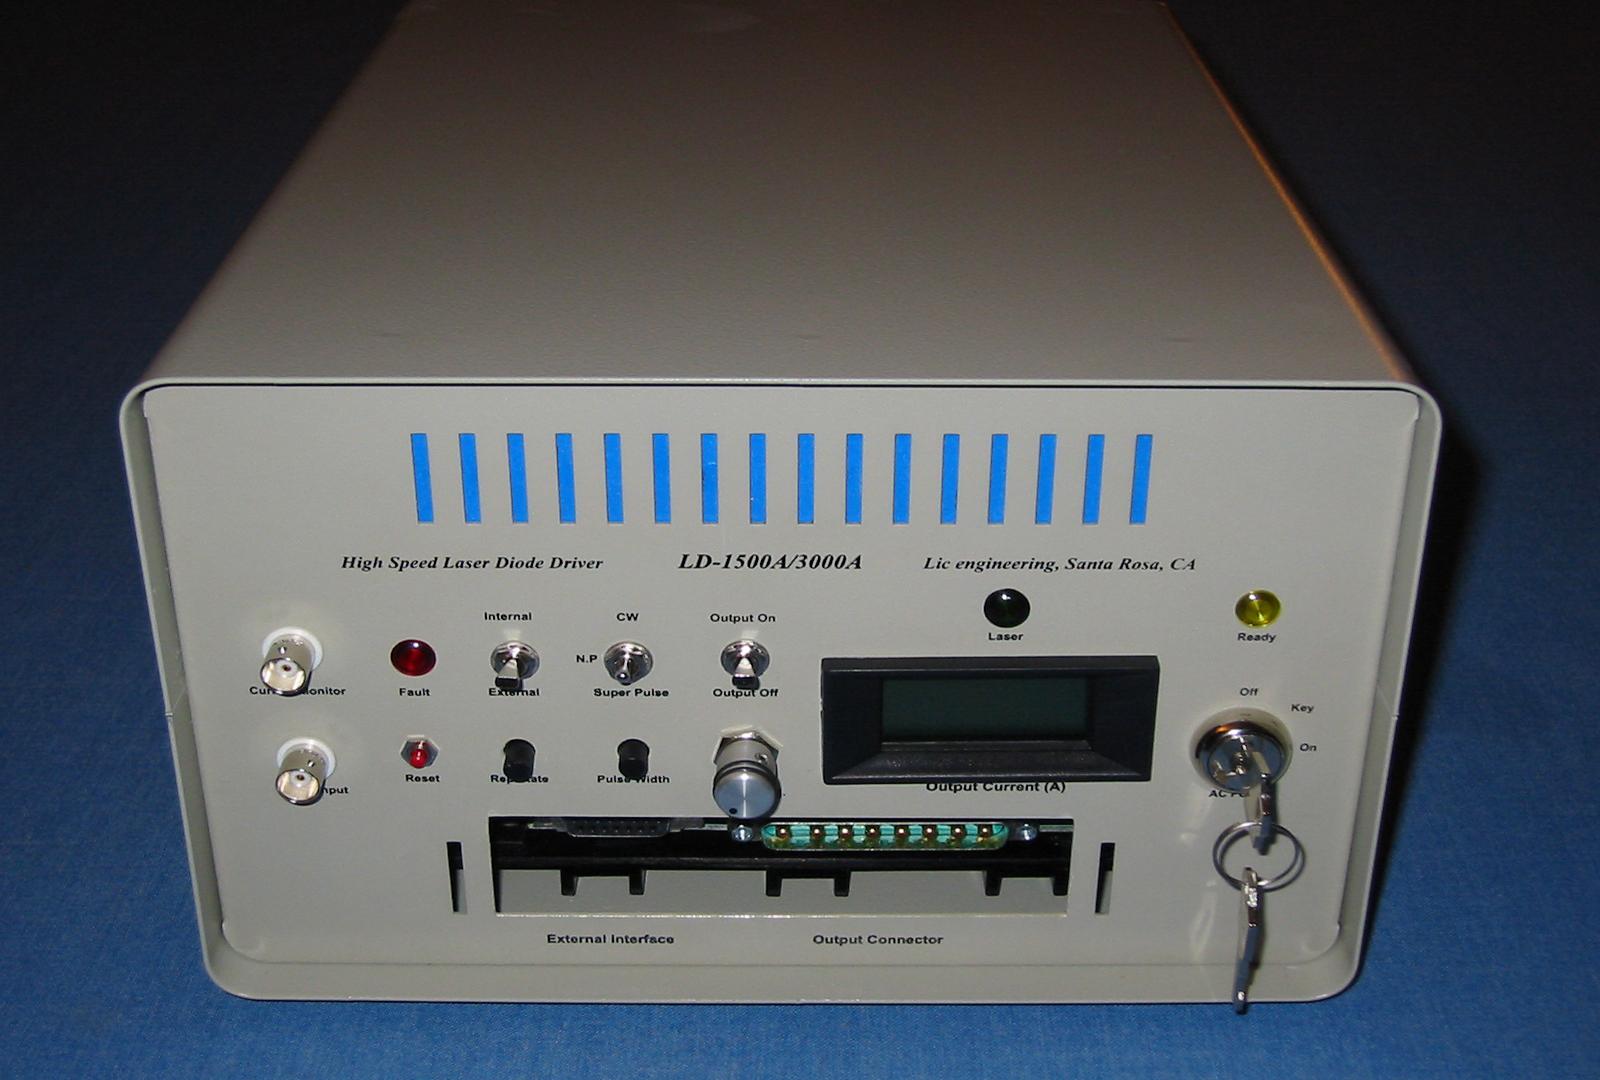 D-1500A/3000A - High Speed & High Power Laser Diode Driver